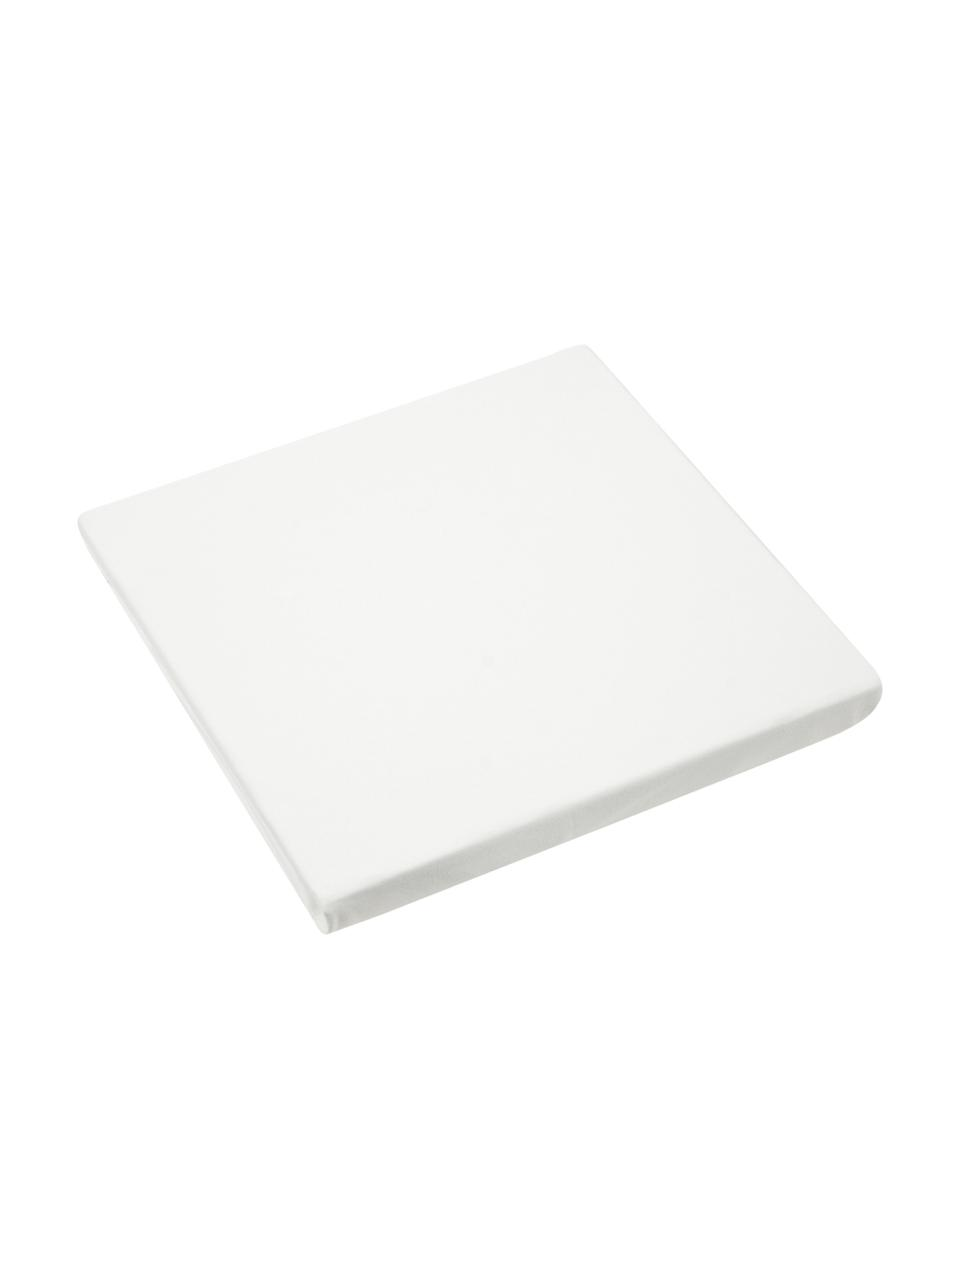 Boxspring-Spannbettlaken Lara in Cremefarben, Jersey-Elasthan, 95% Baumwolle, 5% Elasthan, Cremefarben, 90 x 200 cm